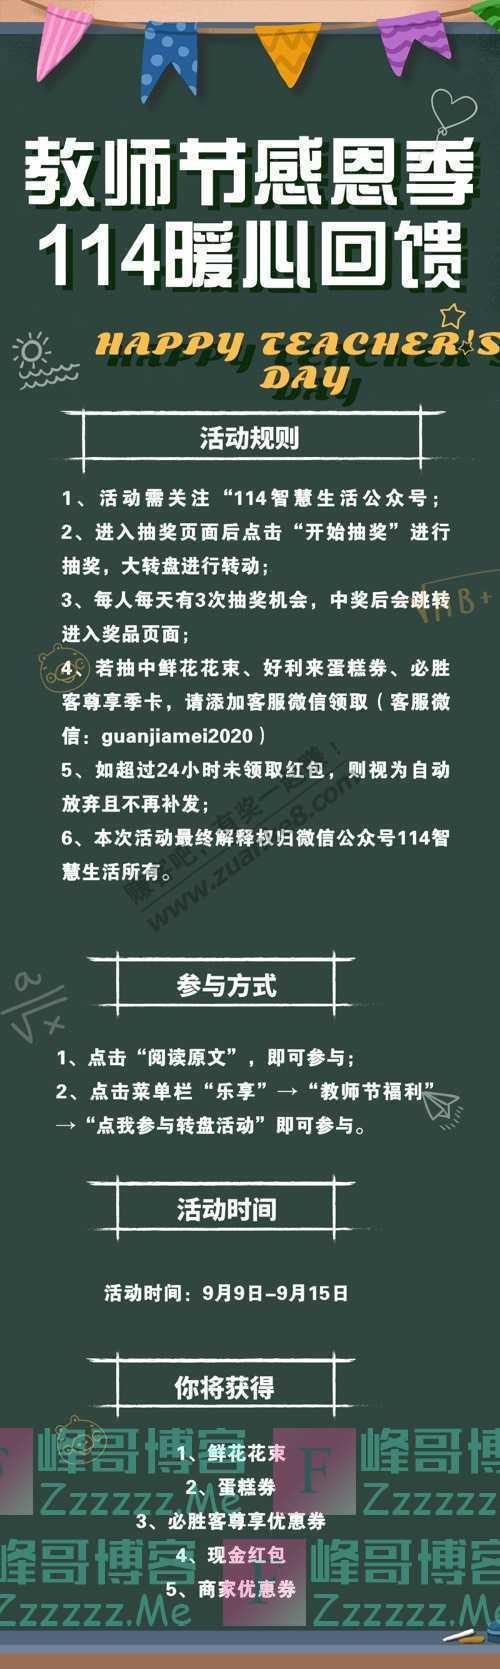 114智慧生活教师节福利活动!鲜花、必胜客尊享季卡…(9月15日截止)